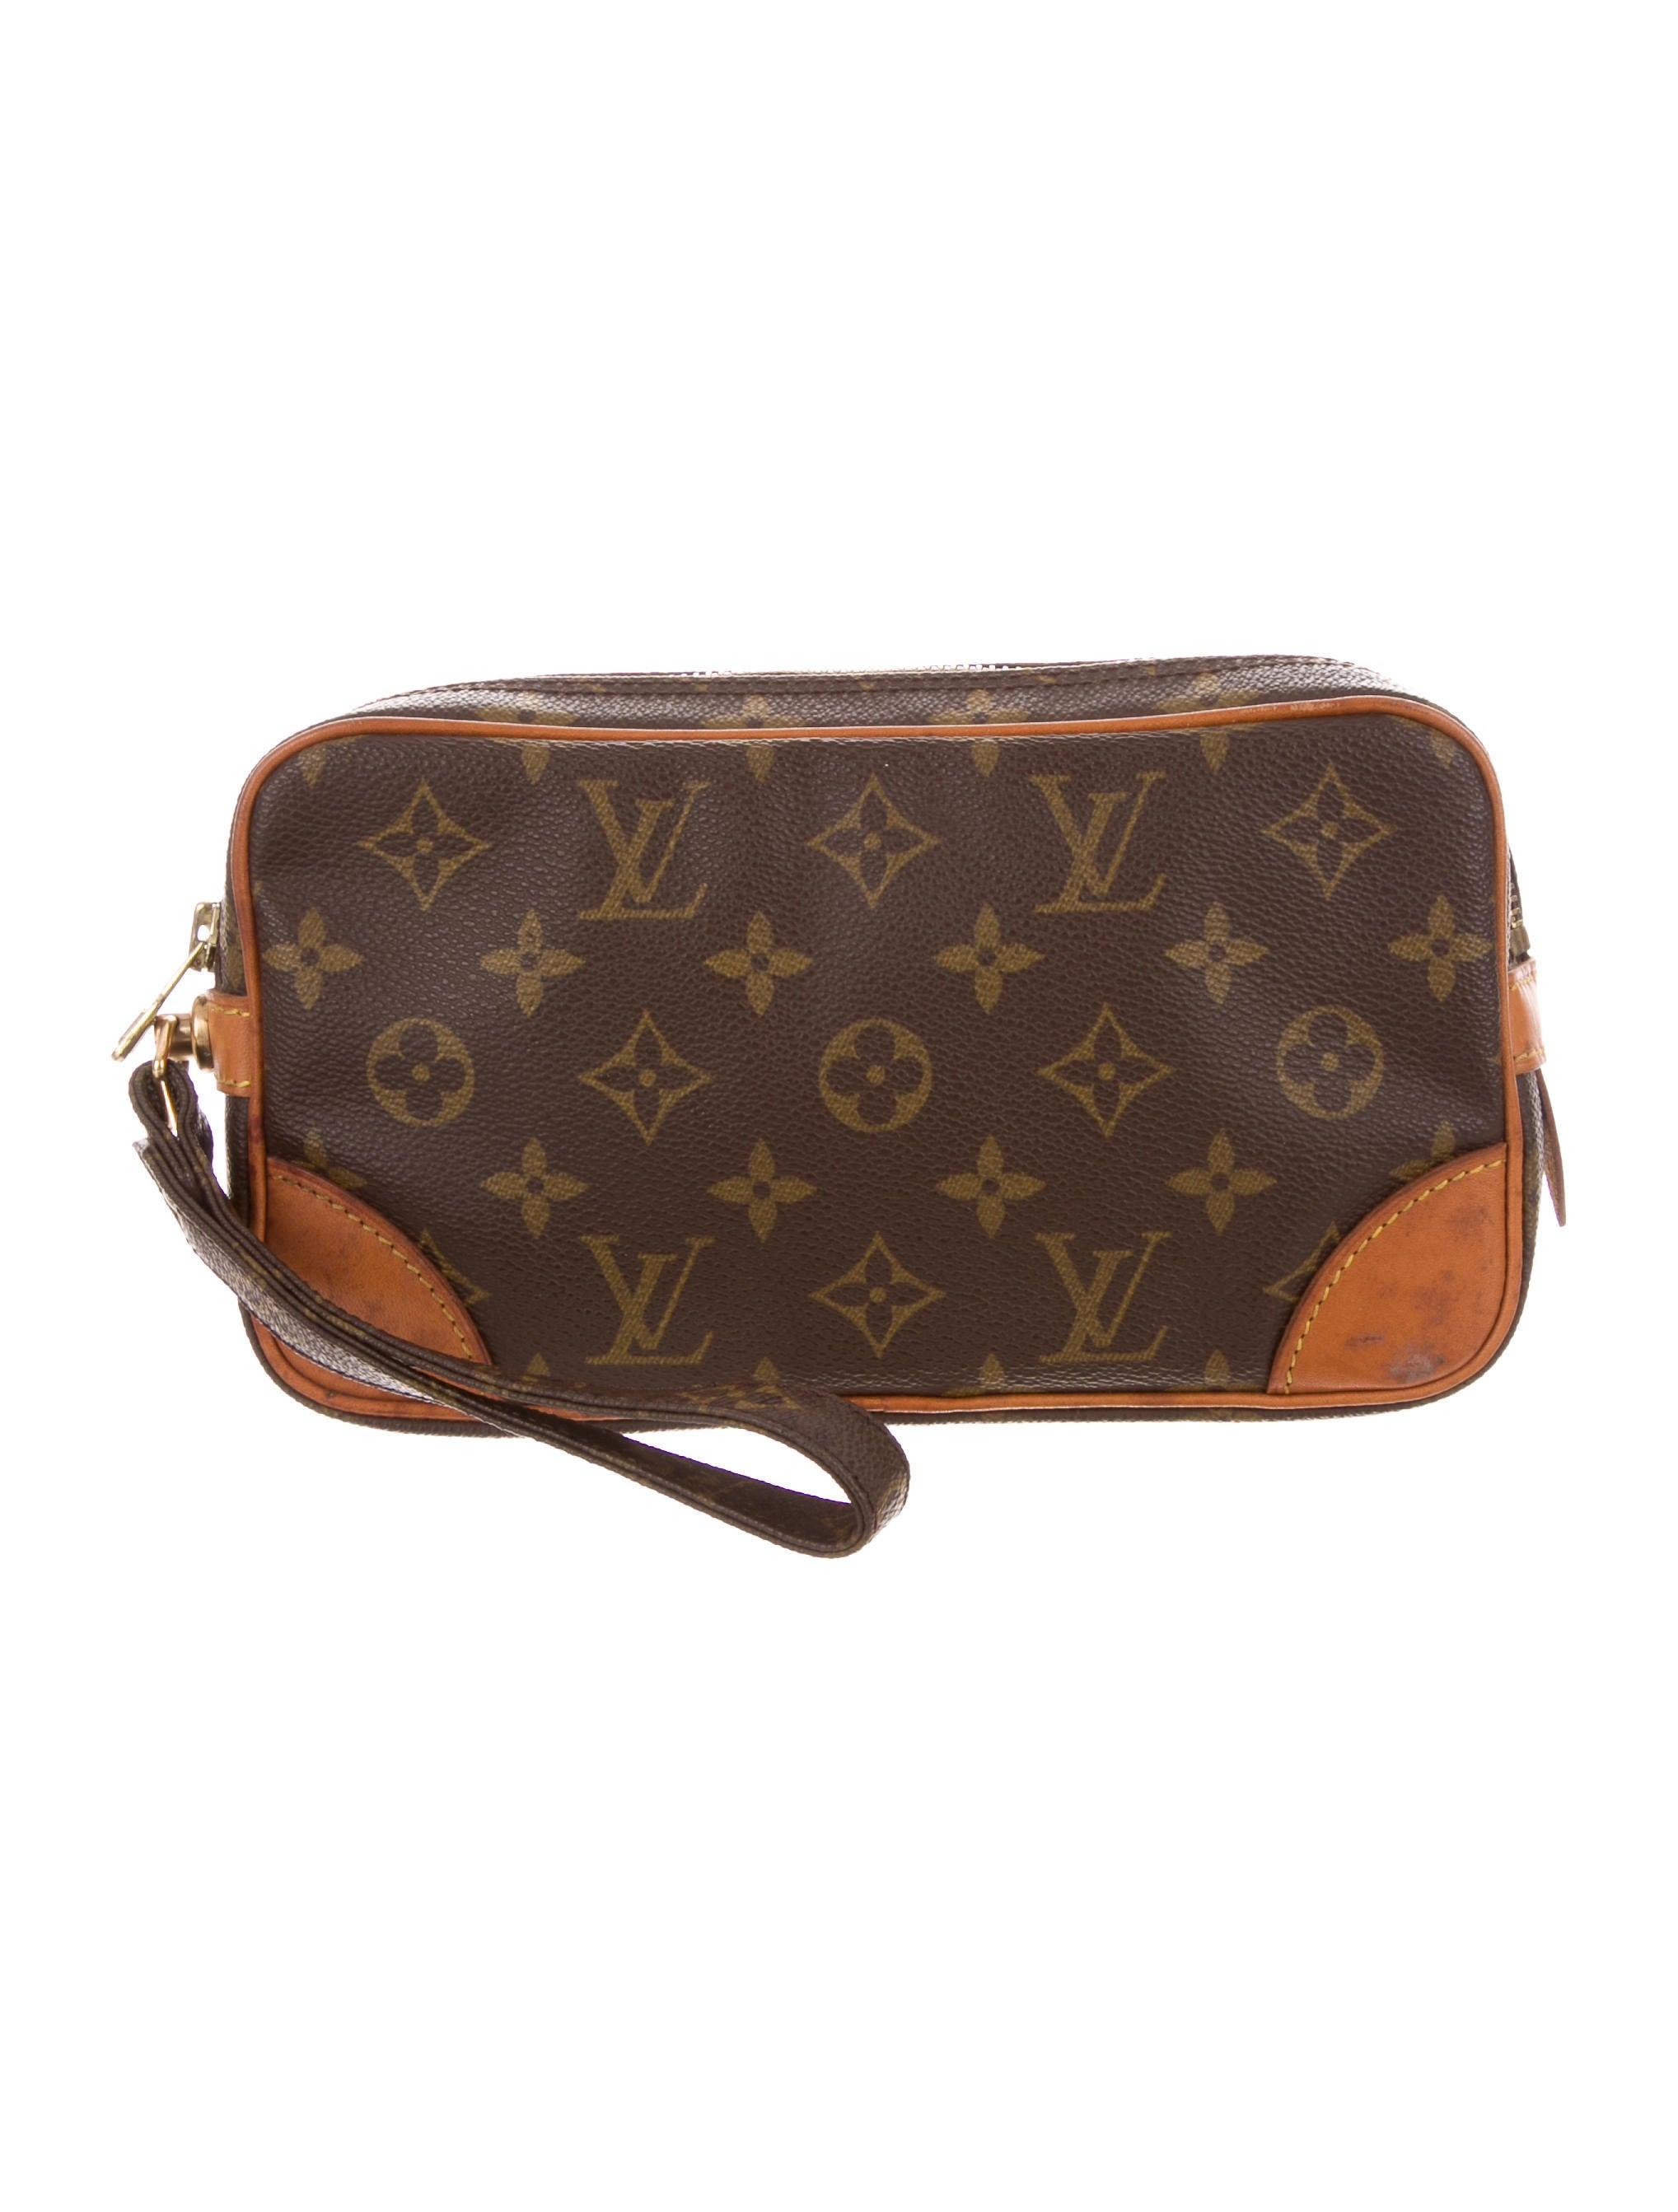 8facc17964cb Louis Vuitton Partition Wristlet - Handbags - LOU34162